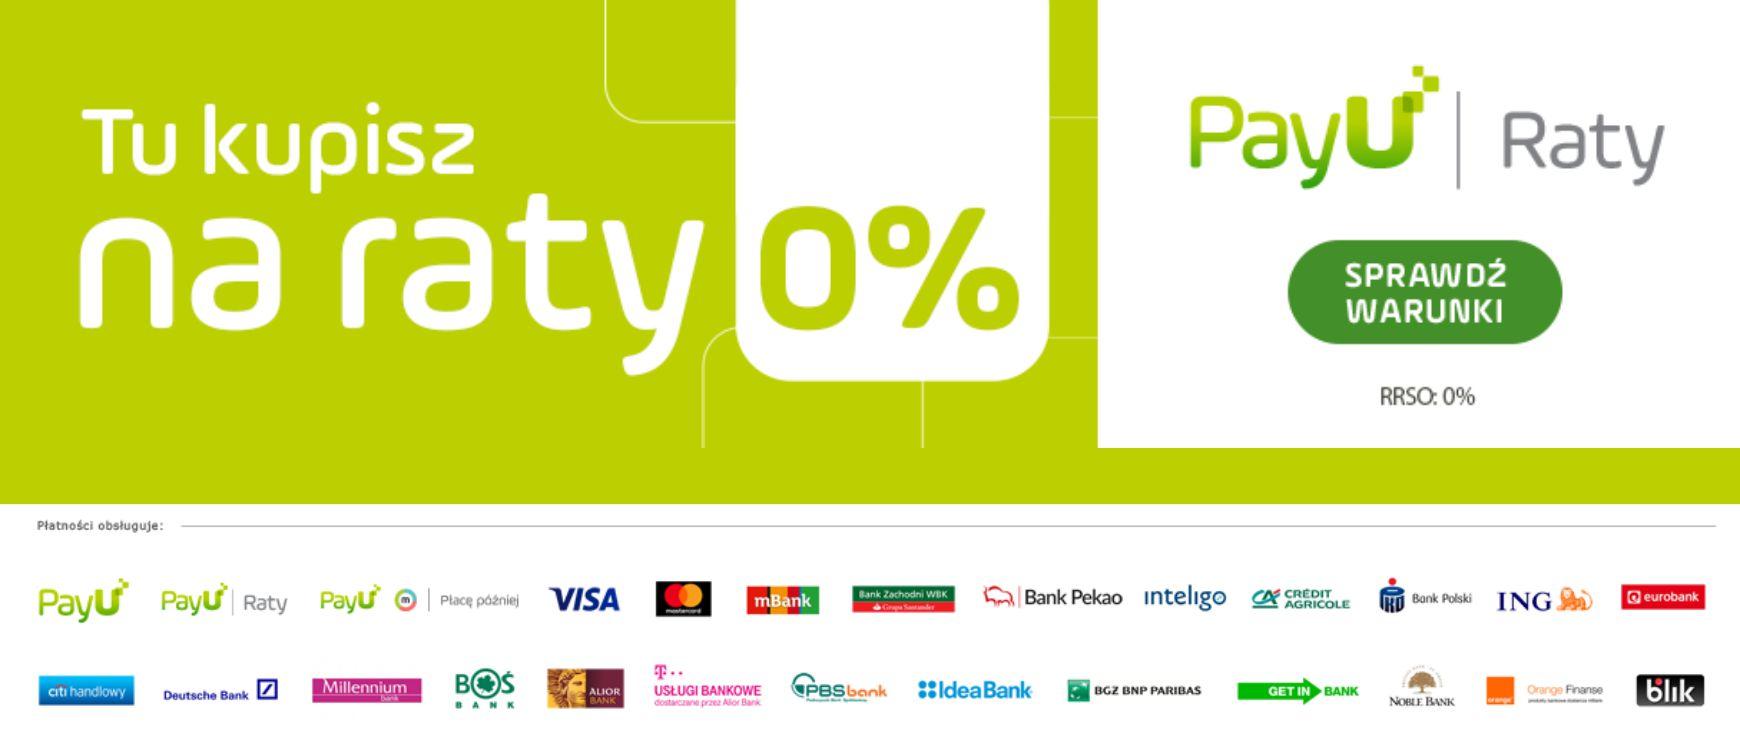 RATY 0% PayU